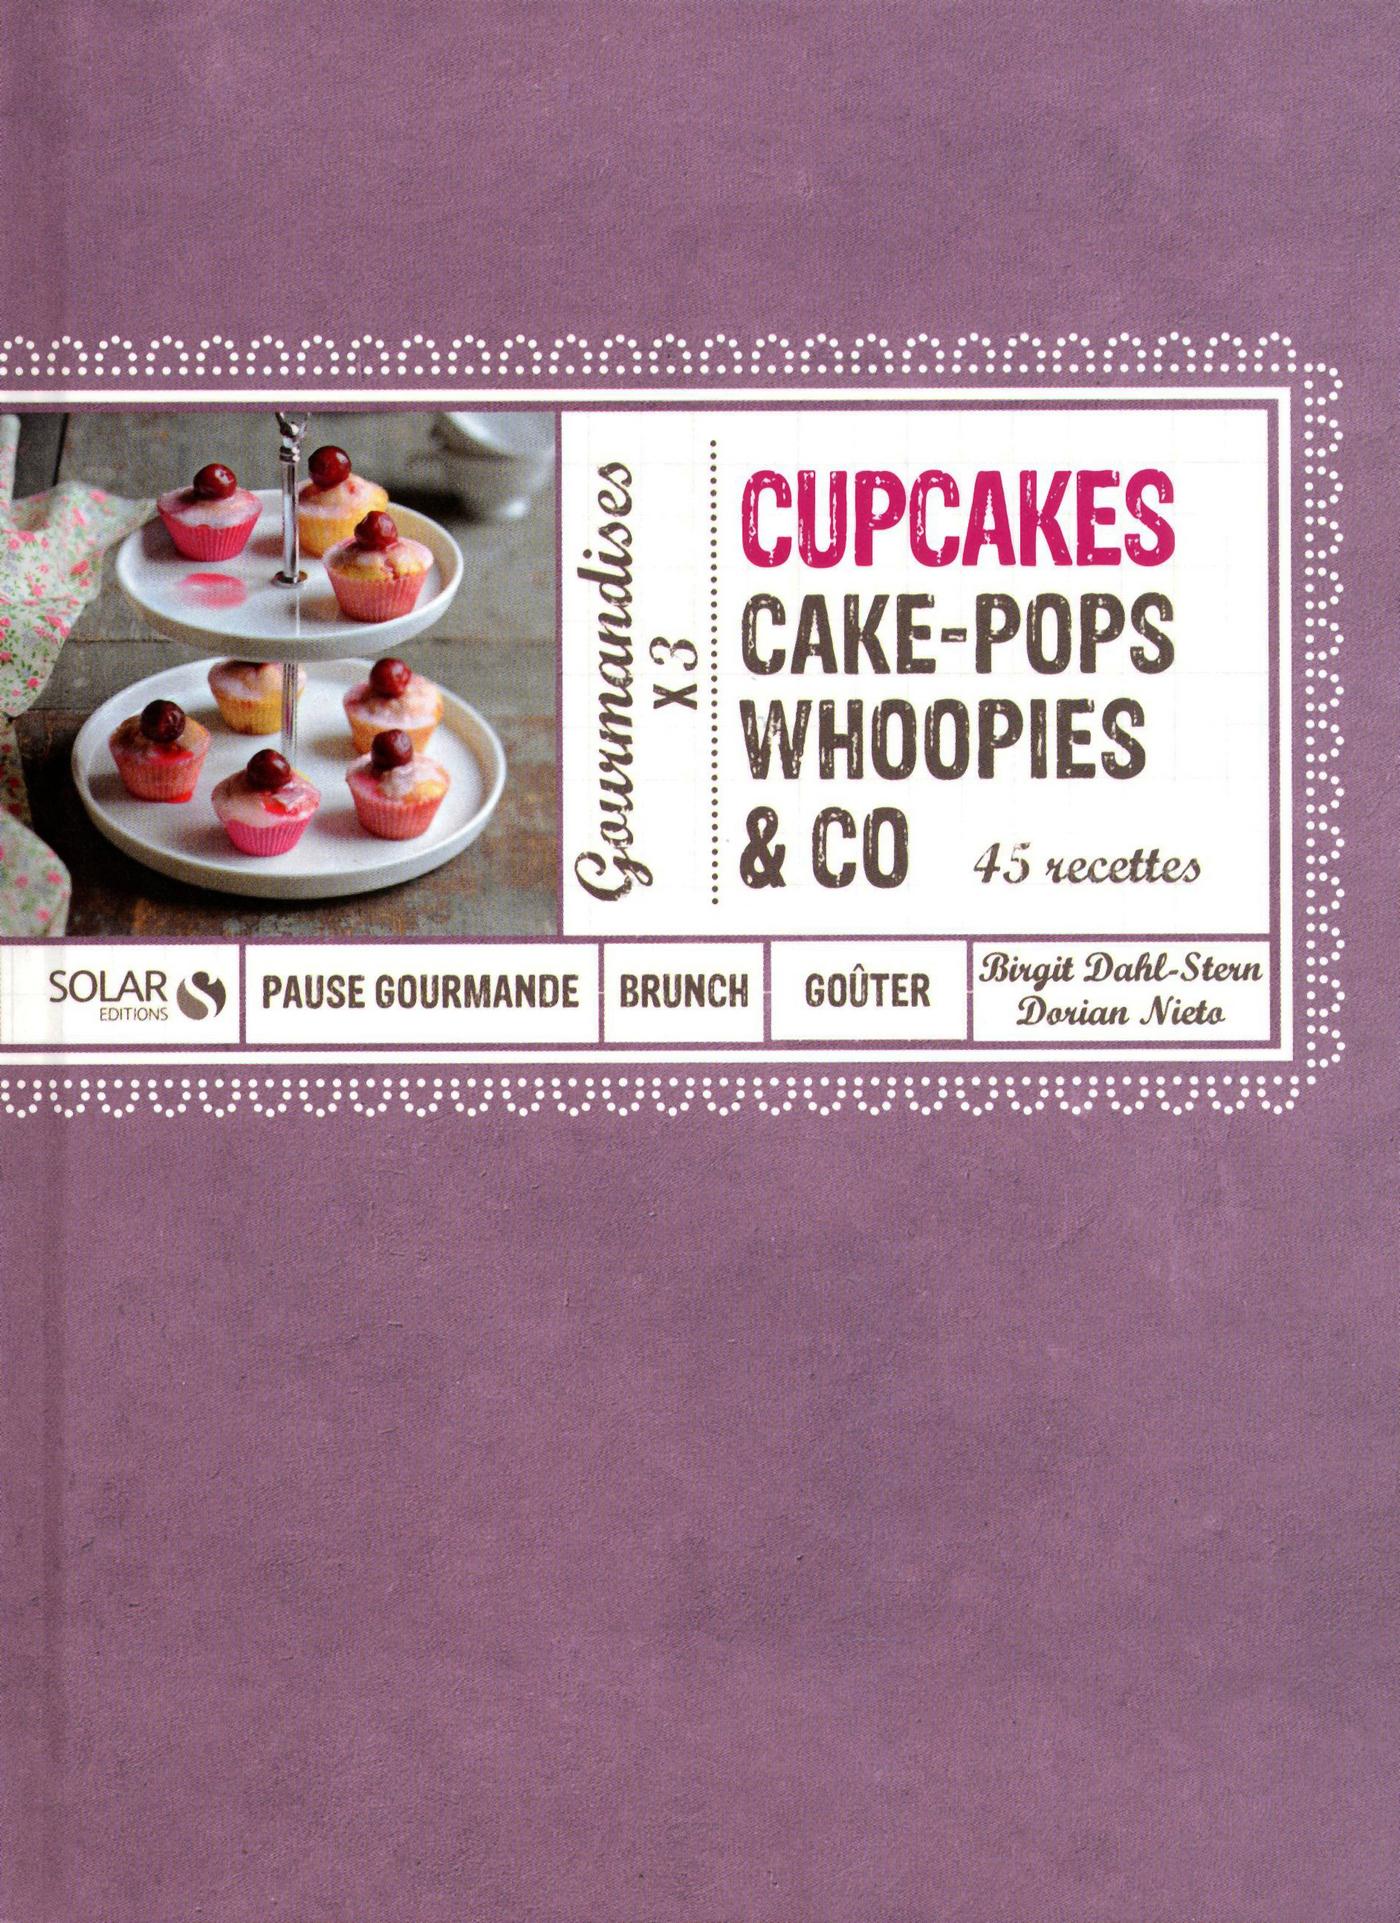 Vignette du livre Cupcakes, Cakes-Pops, Woopies & Co